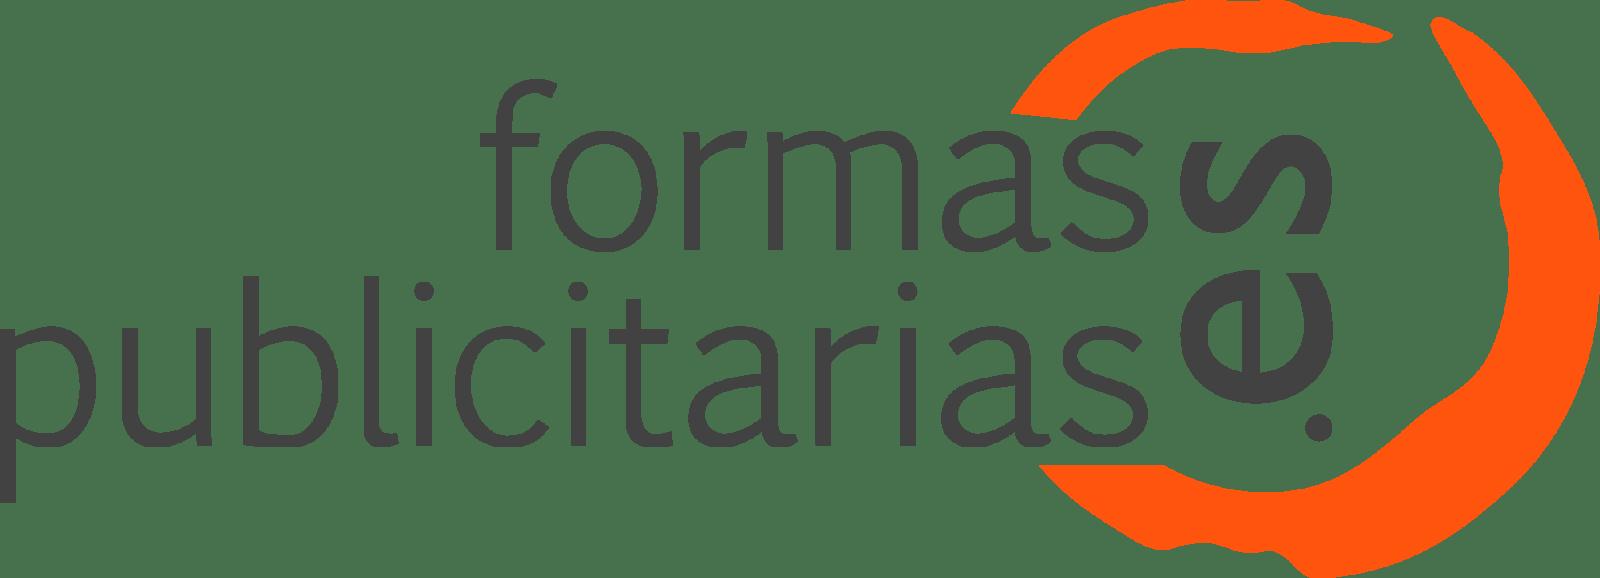 Formas Publicitarias